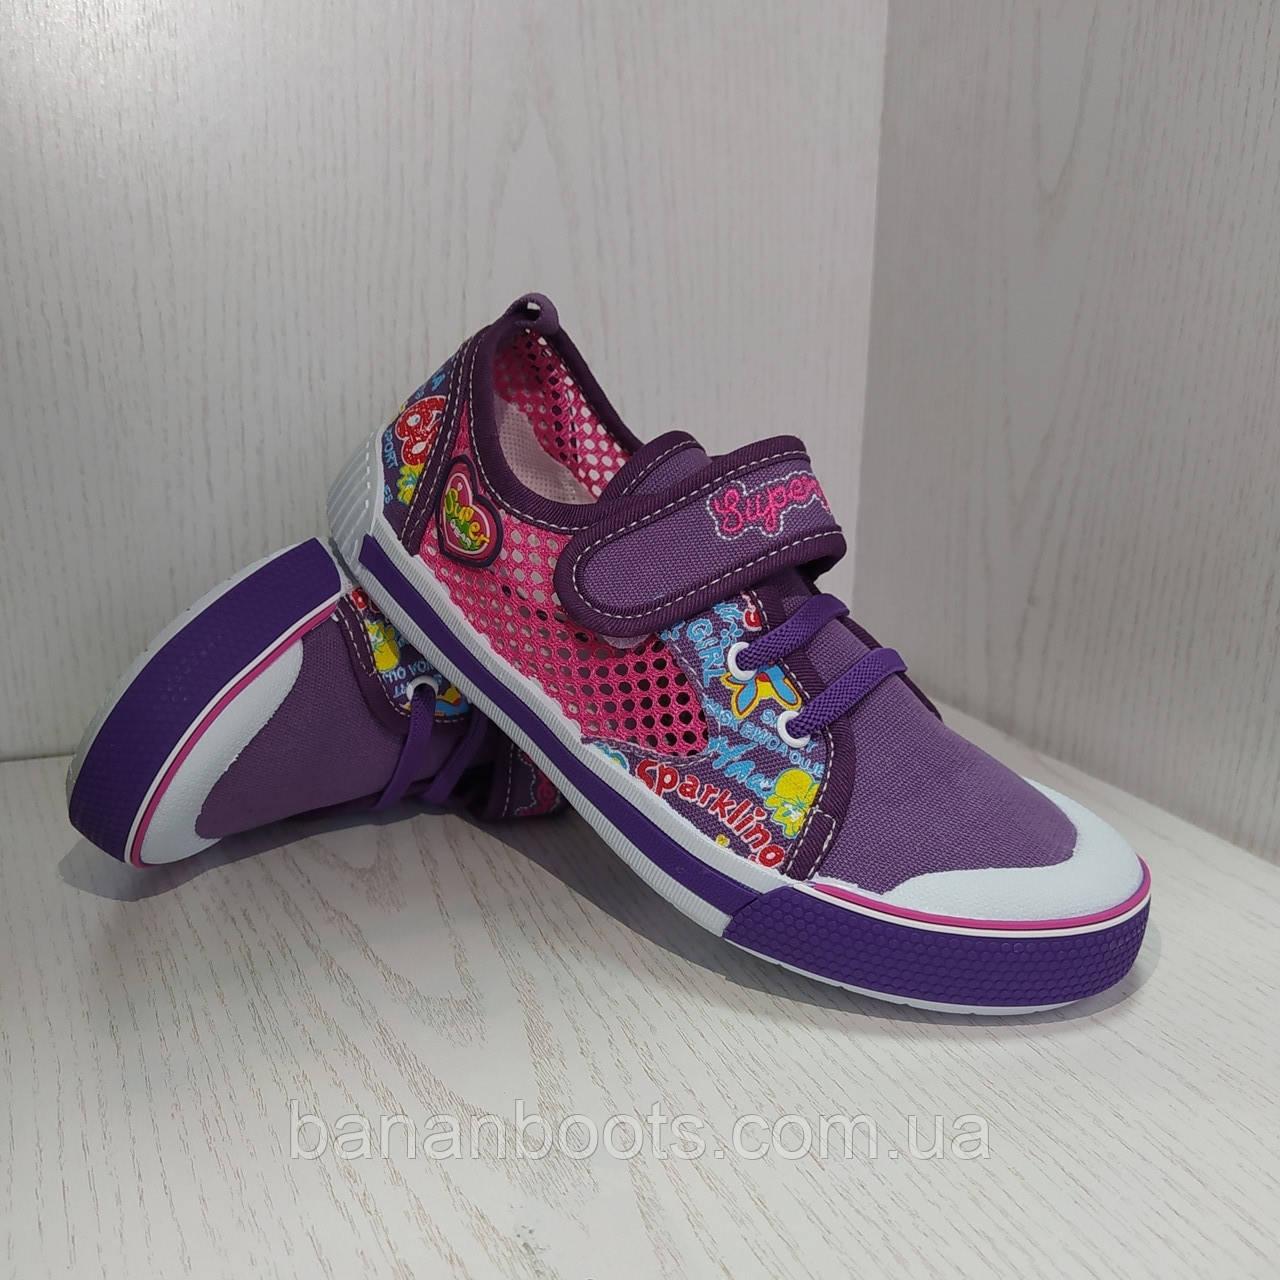 Кеди, мокасини дитячі фіолетові для дівчинки 35р.